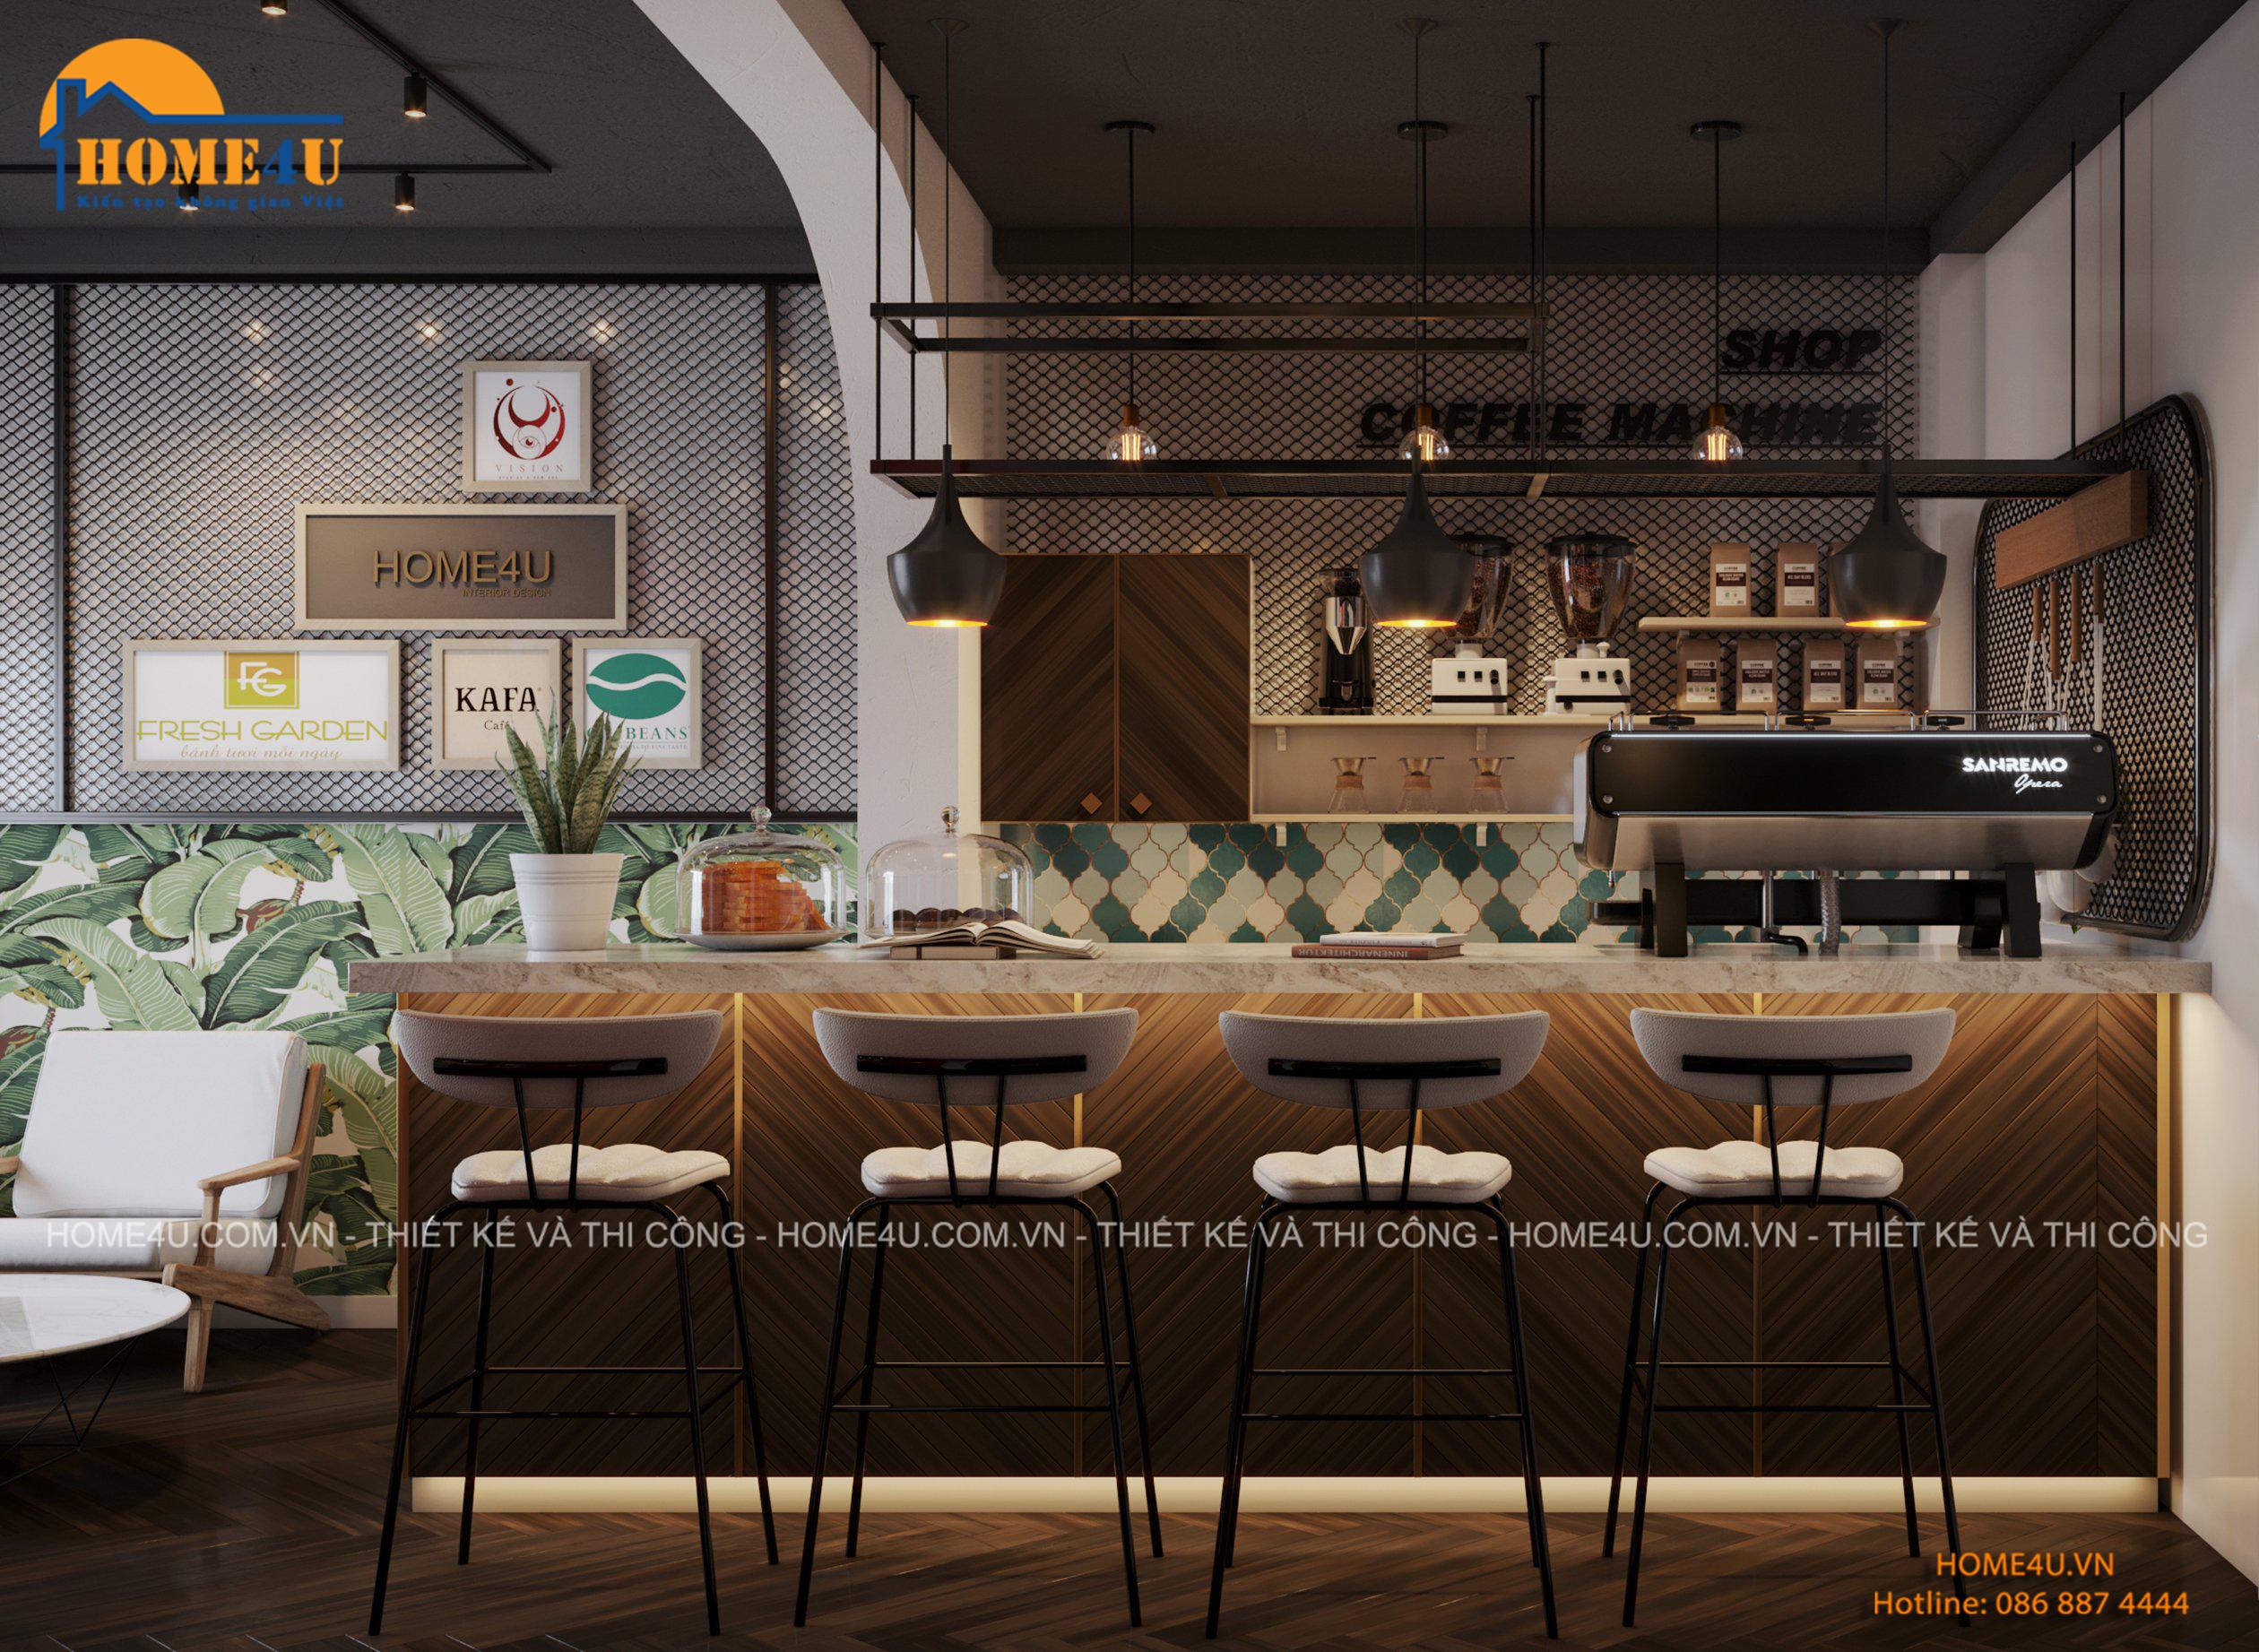 Thiết kế nội thất cửa hàng bán máy pha chế coffee tại Hà Đông - NTCH2003